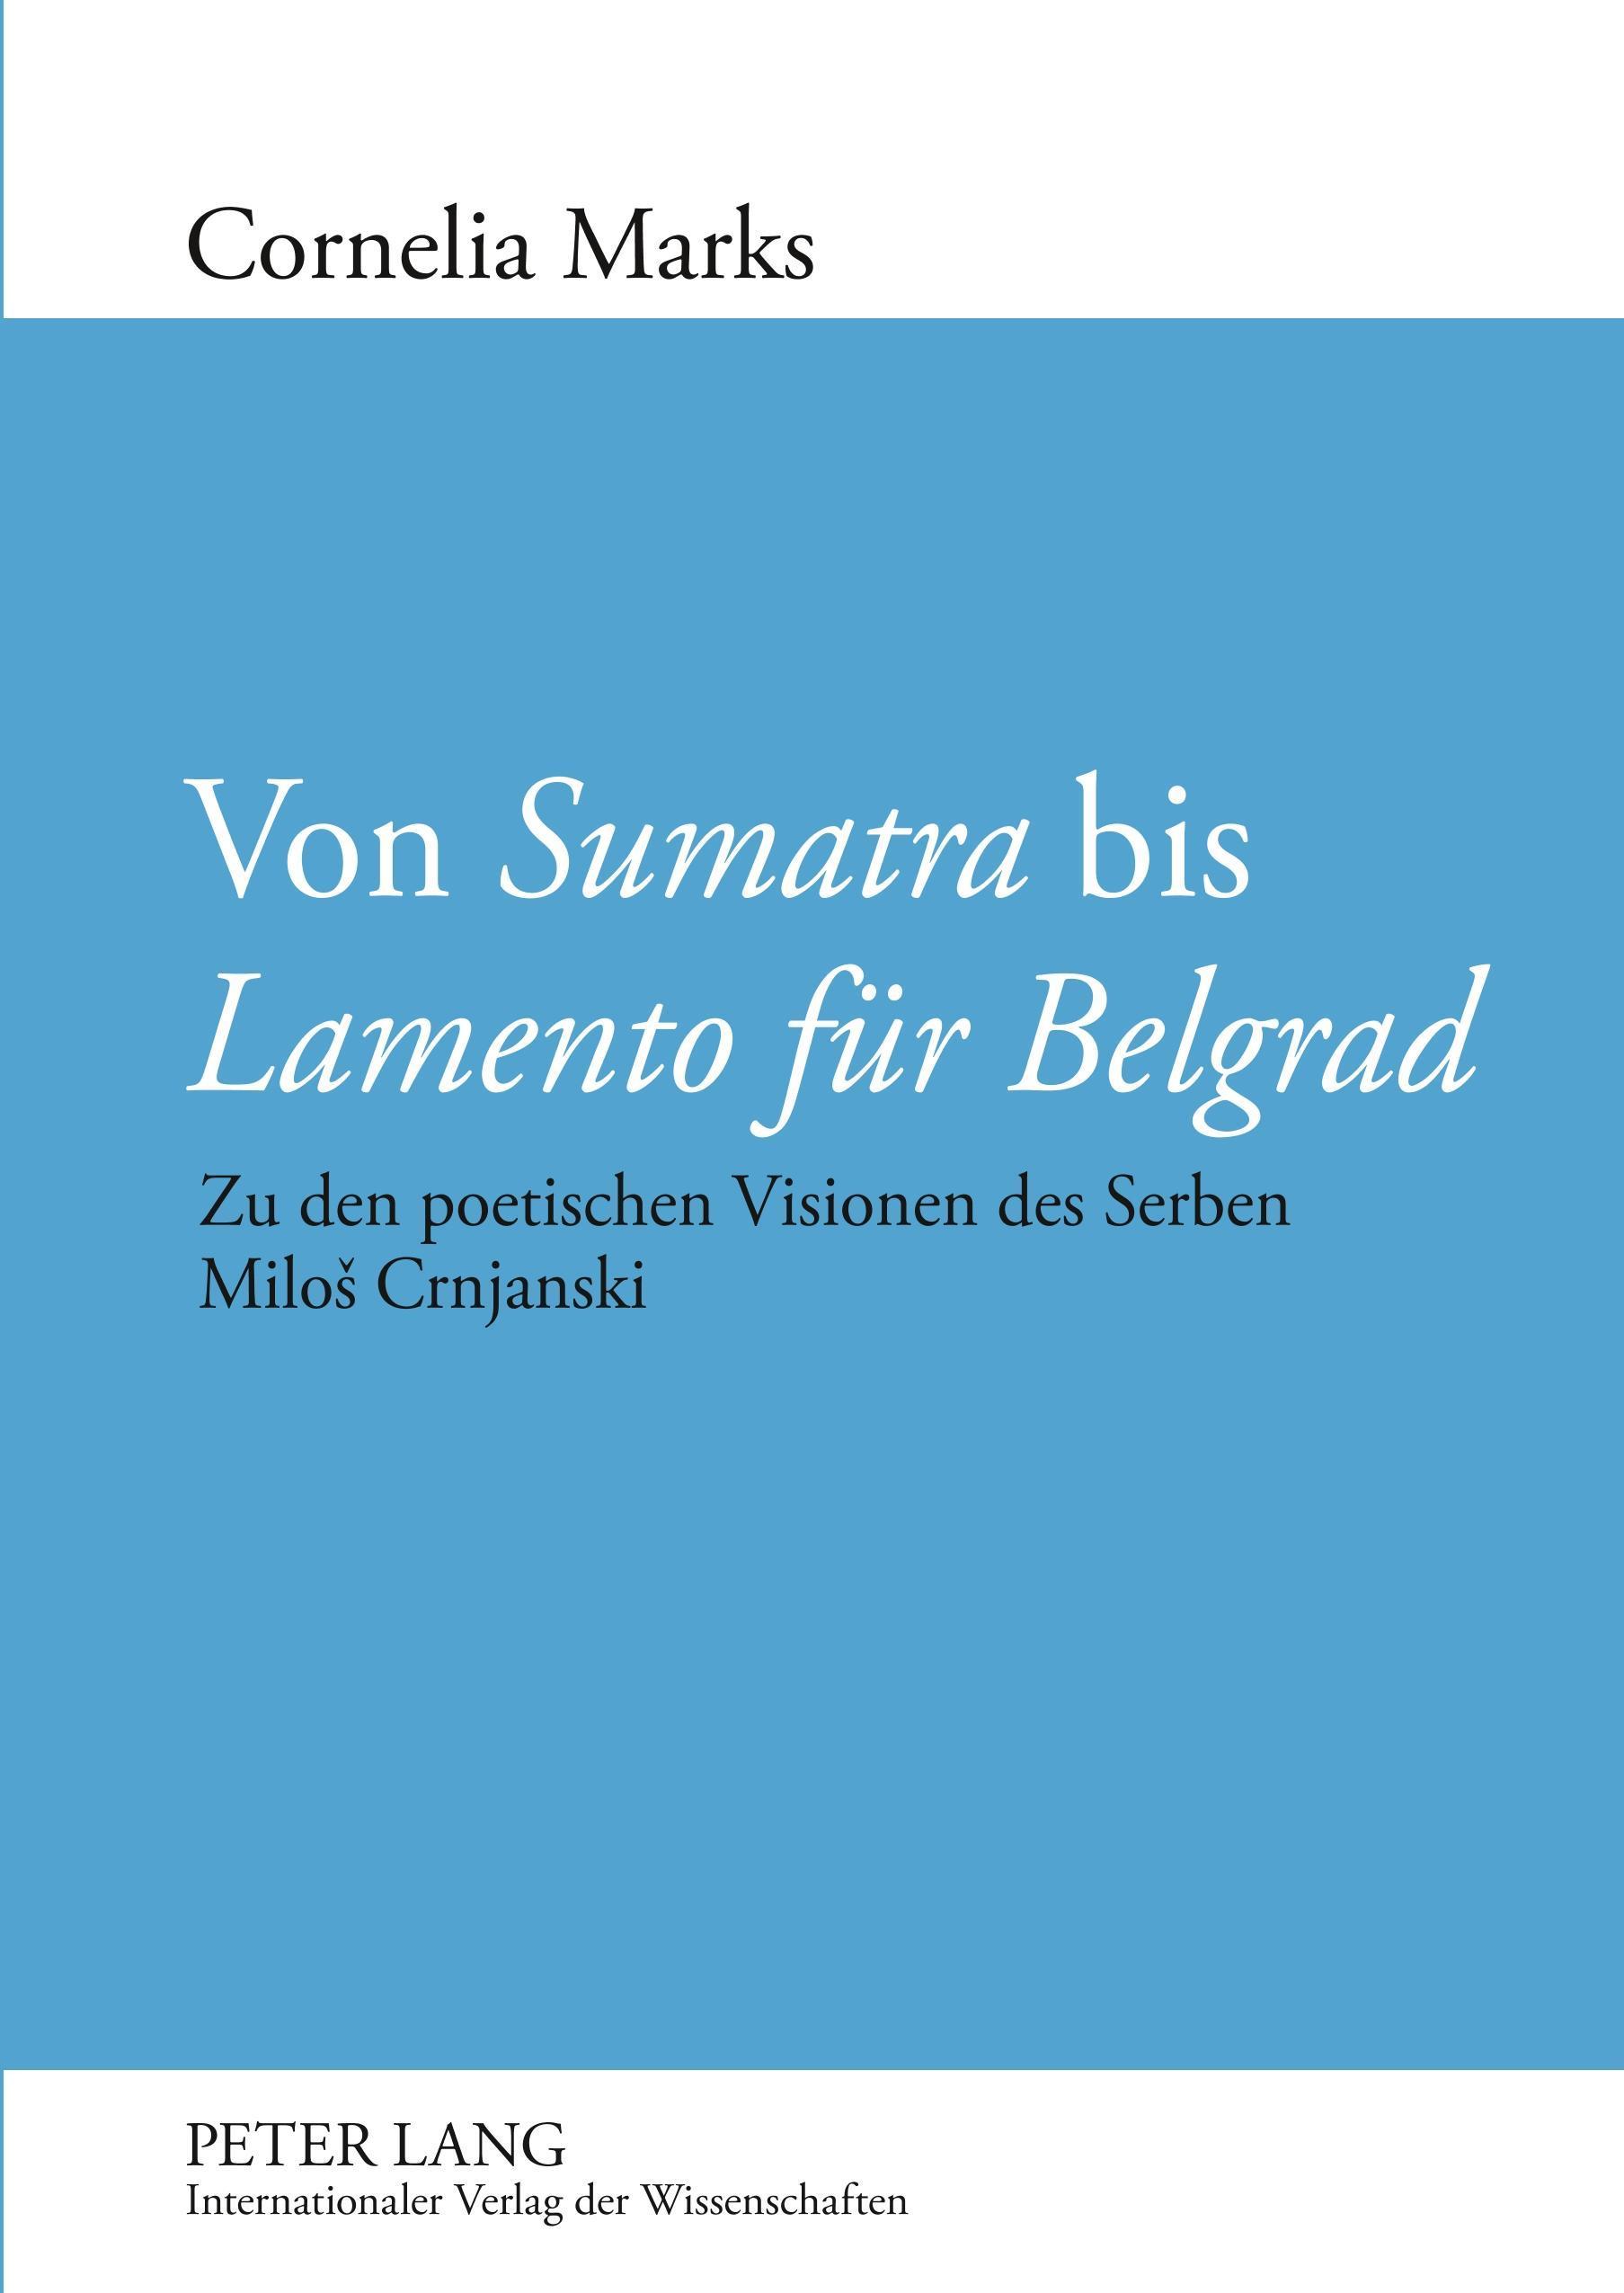 Von Sumatra bis Lamento für Belgrad Cornelia Marks